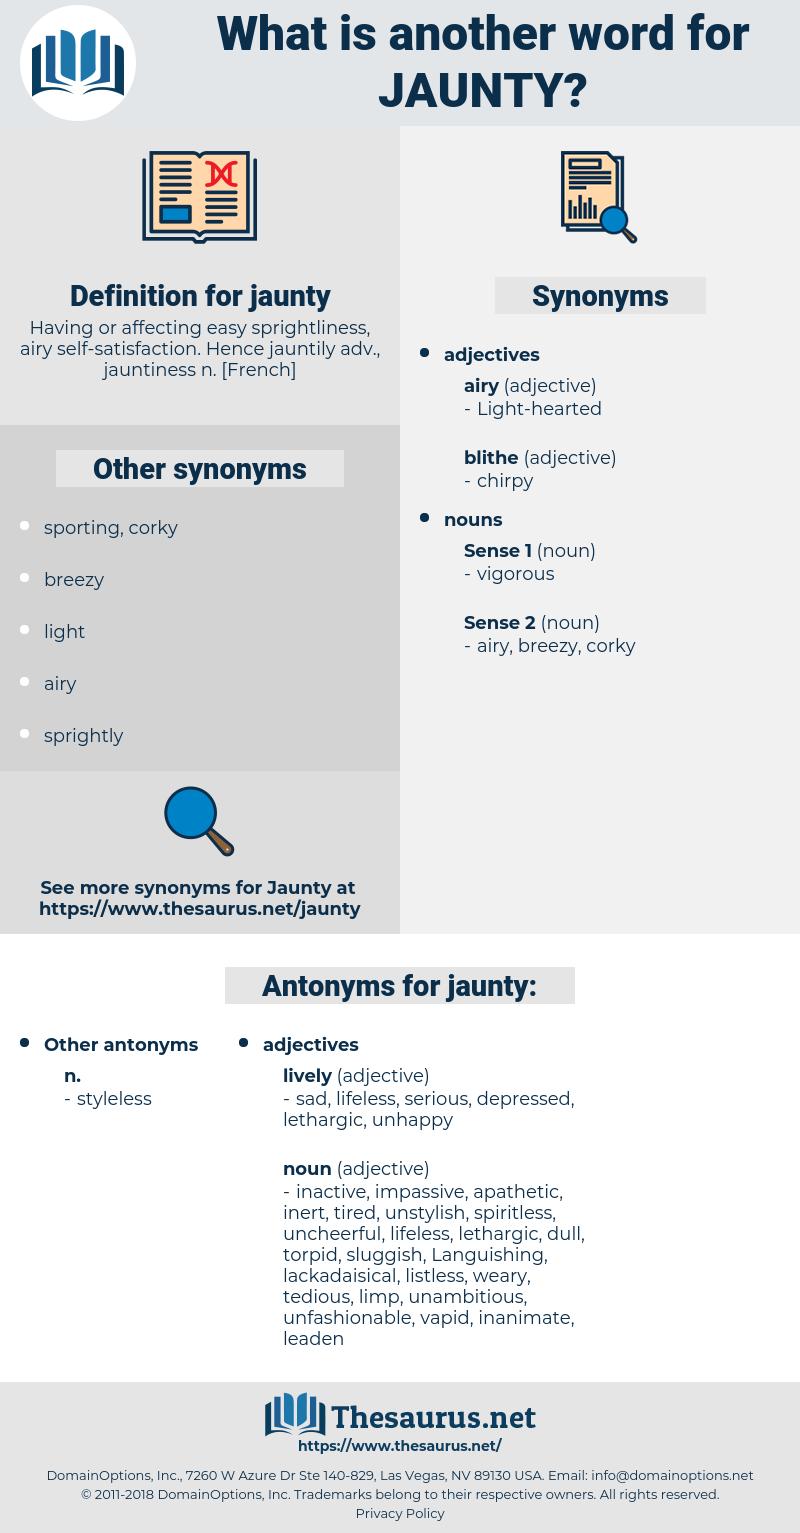 jaunty, synonym jaunty, another word for jaunty, words like jaunty, thesaurus jaunty